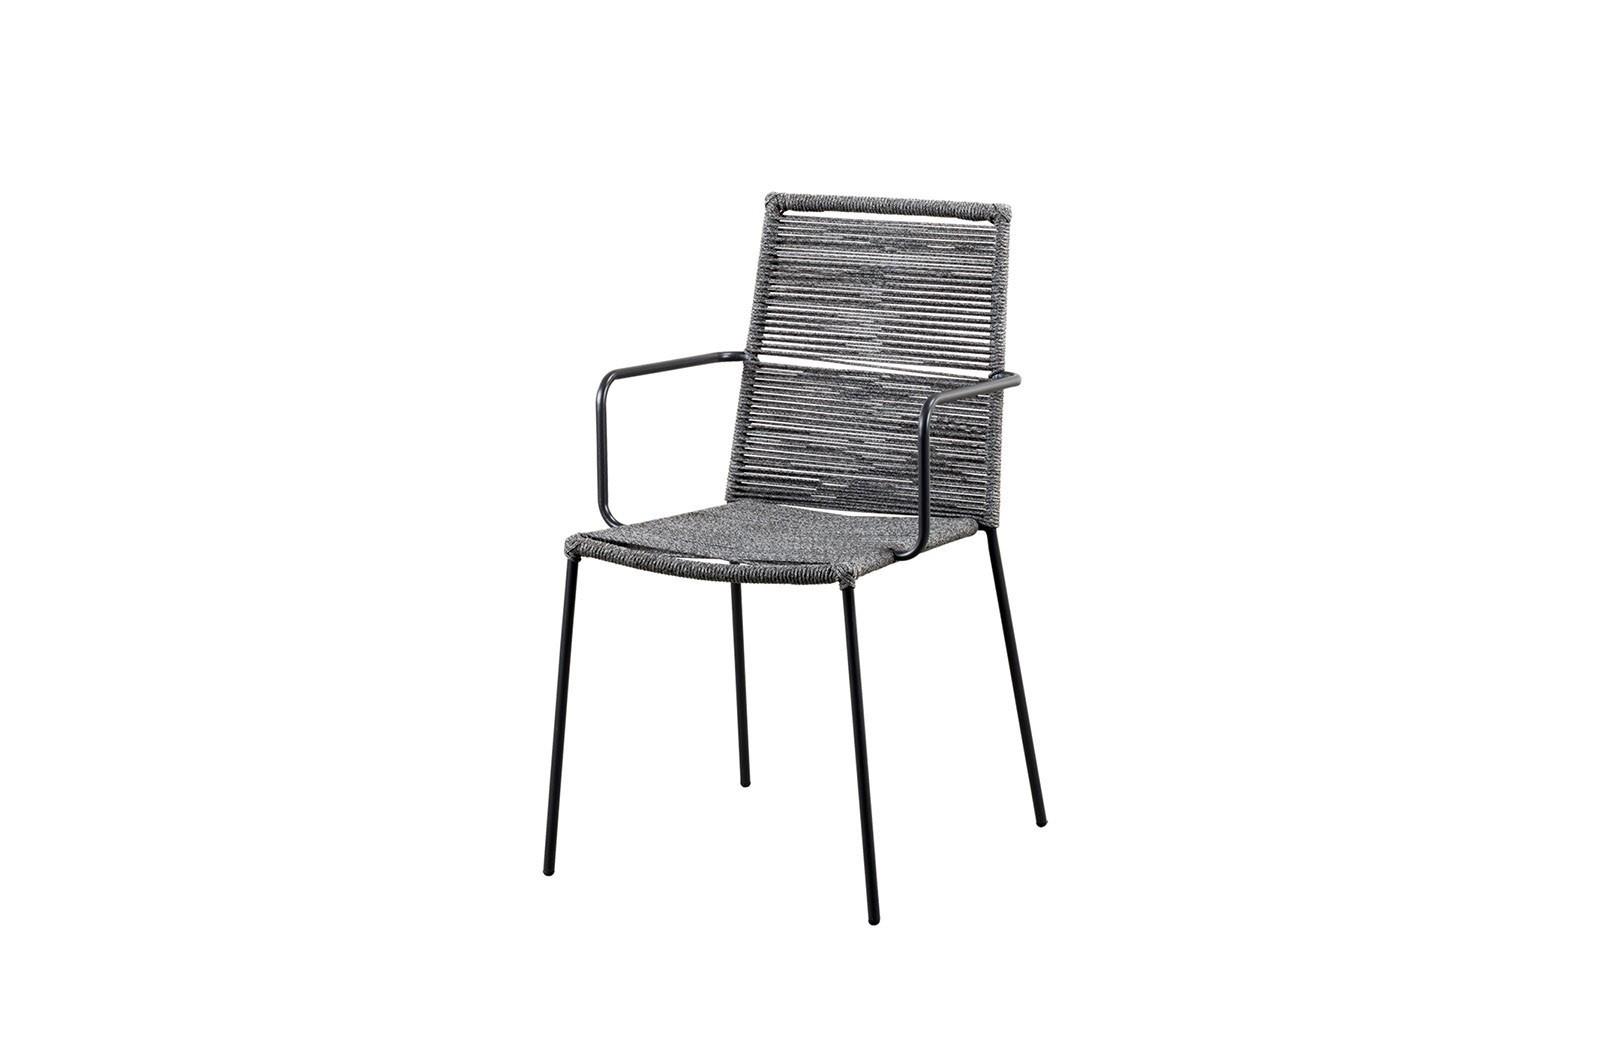 krzesła ogrodowe metalowe KEA